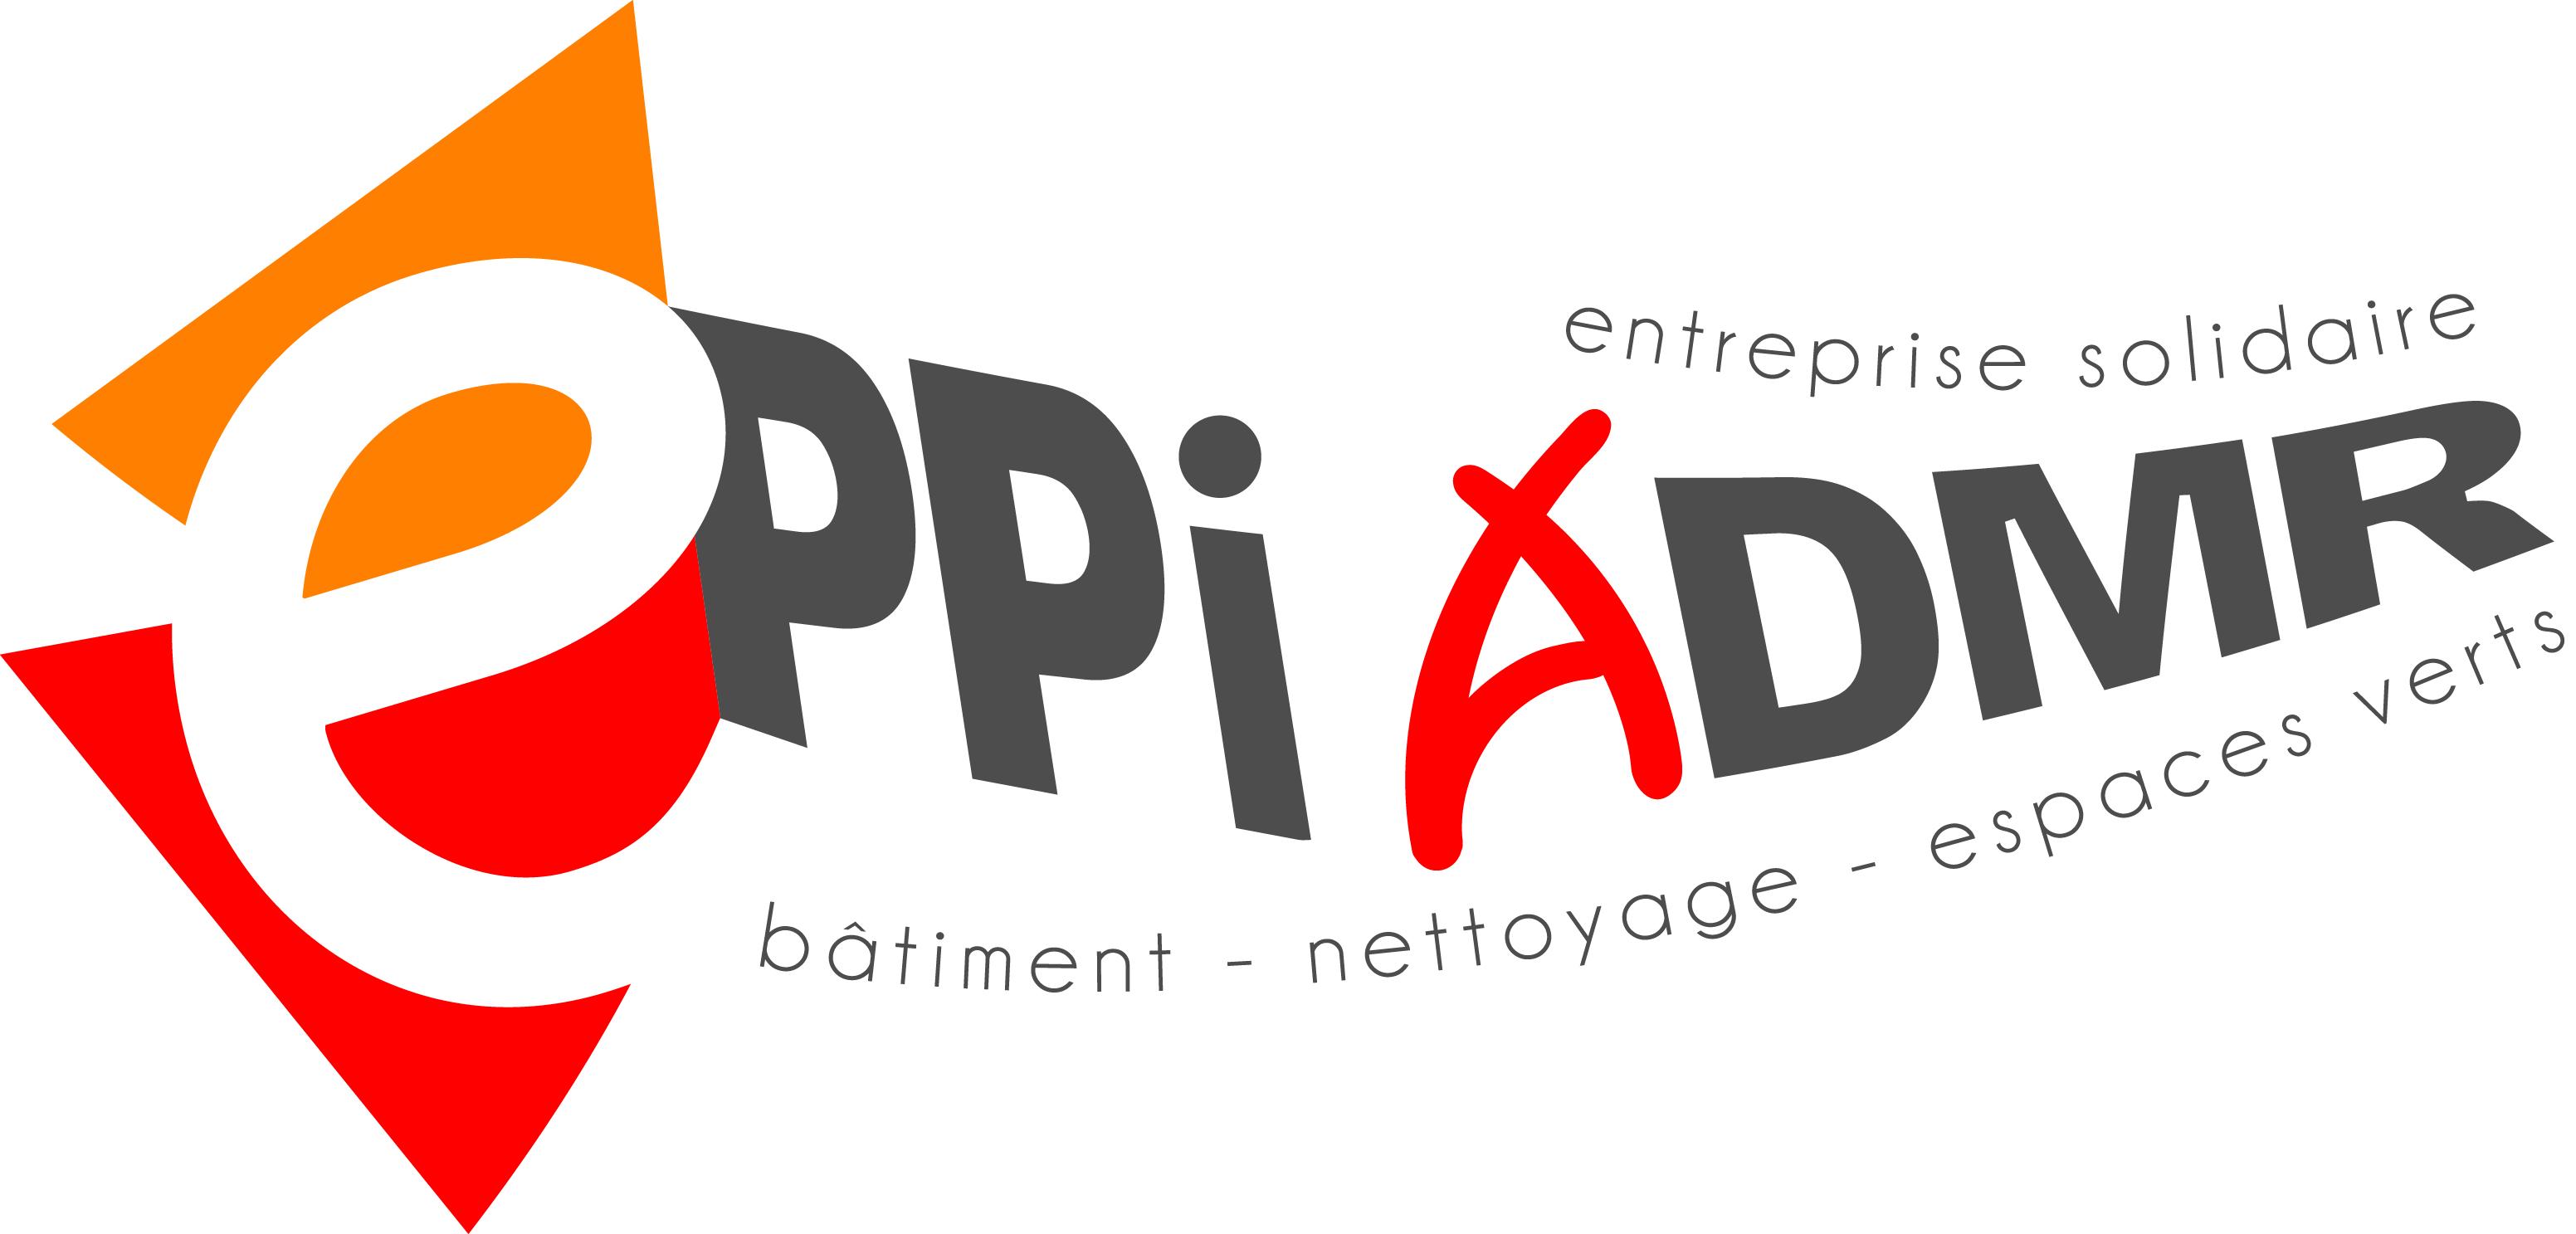 Eppi-Admr